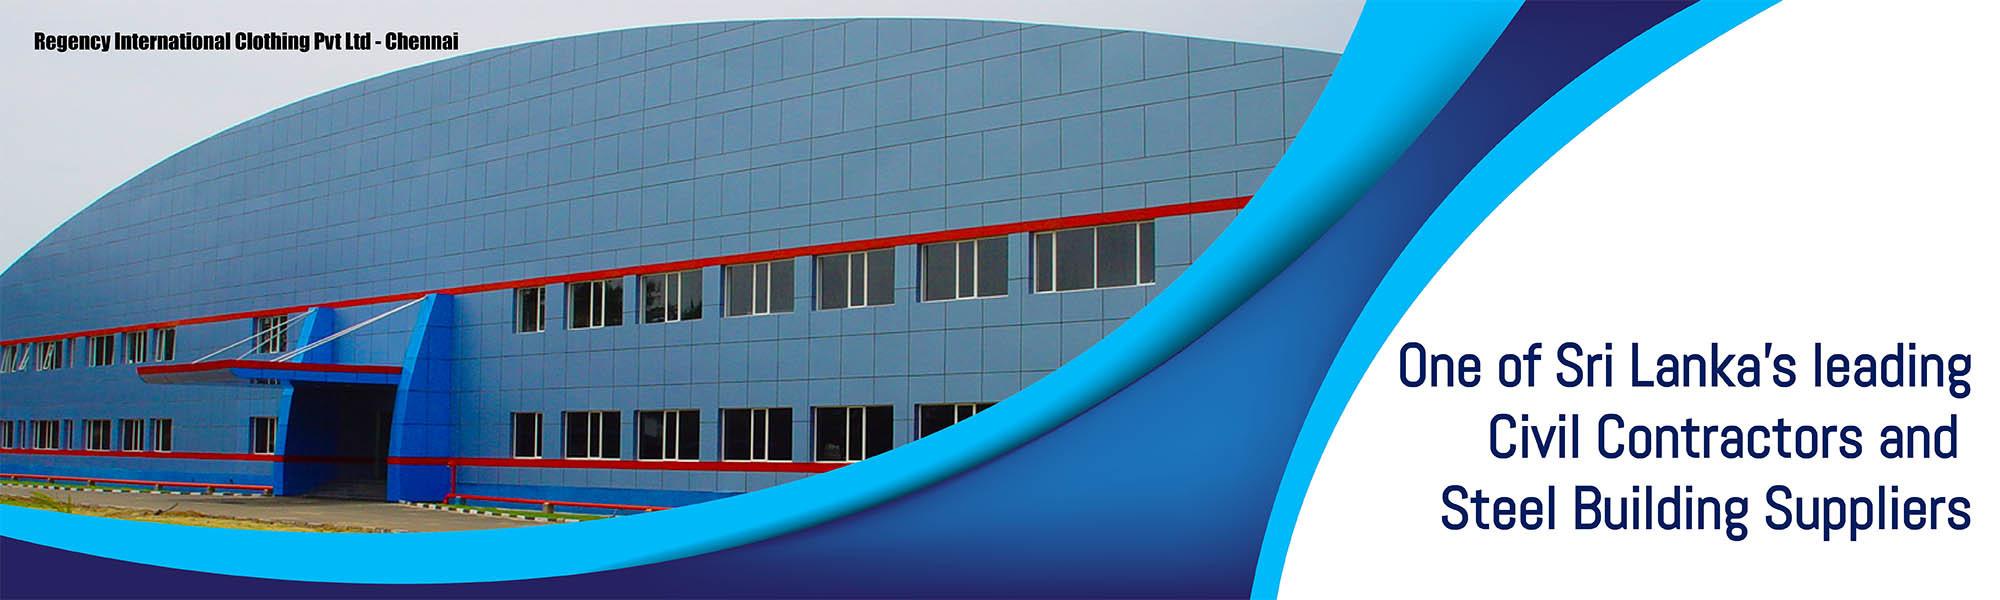 International Building Systems Factory Lanka Pvt Ltd